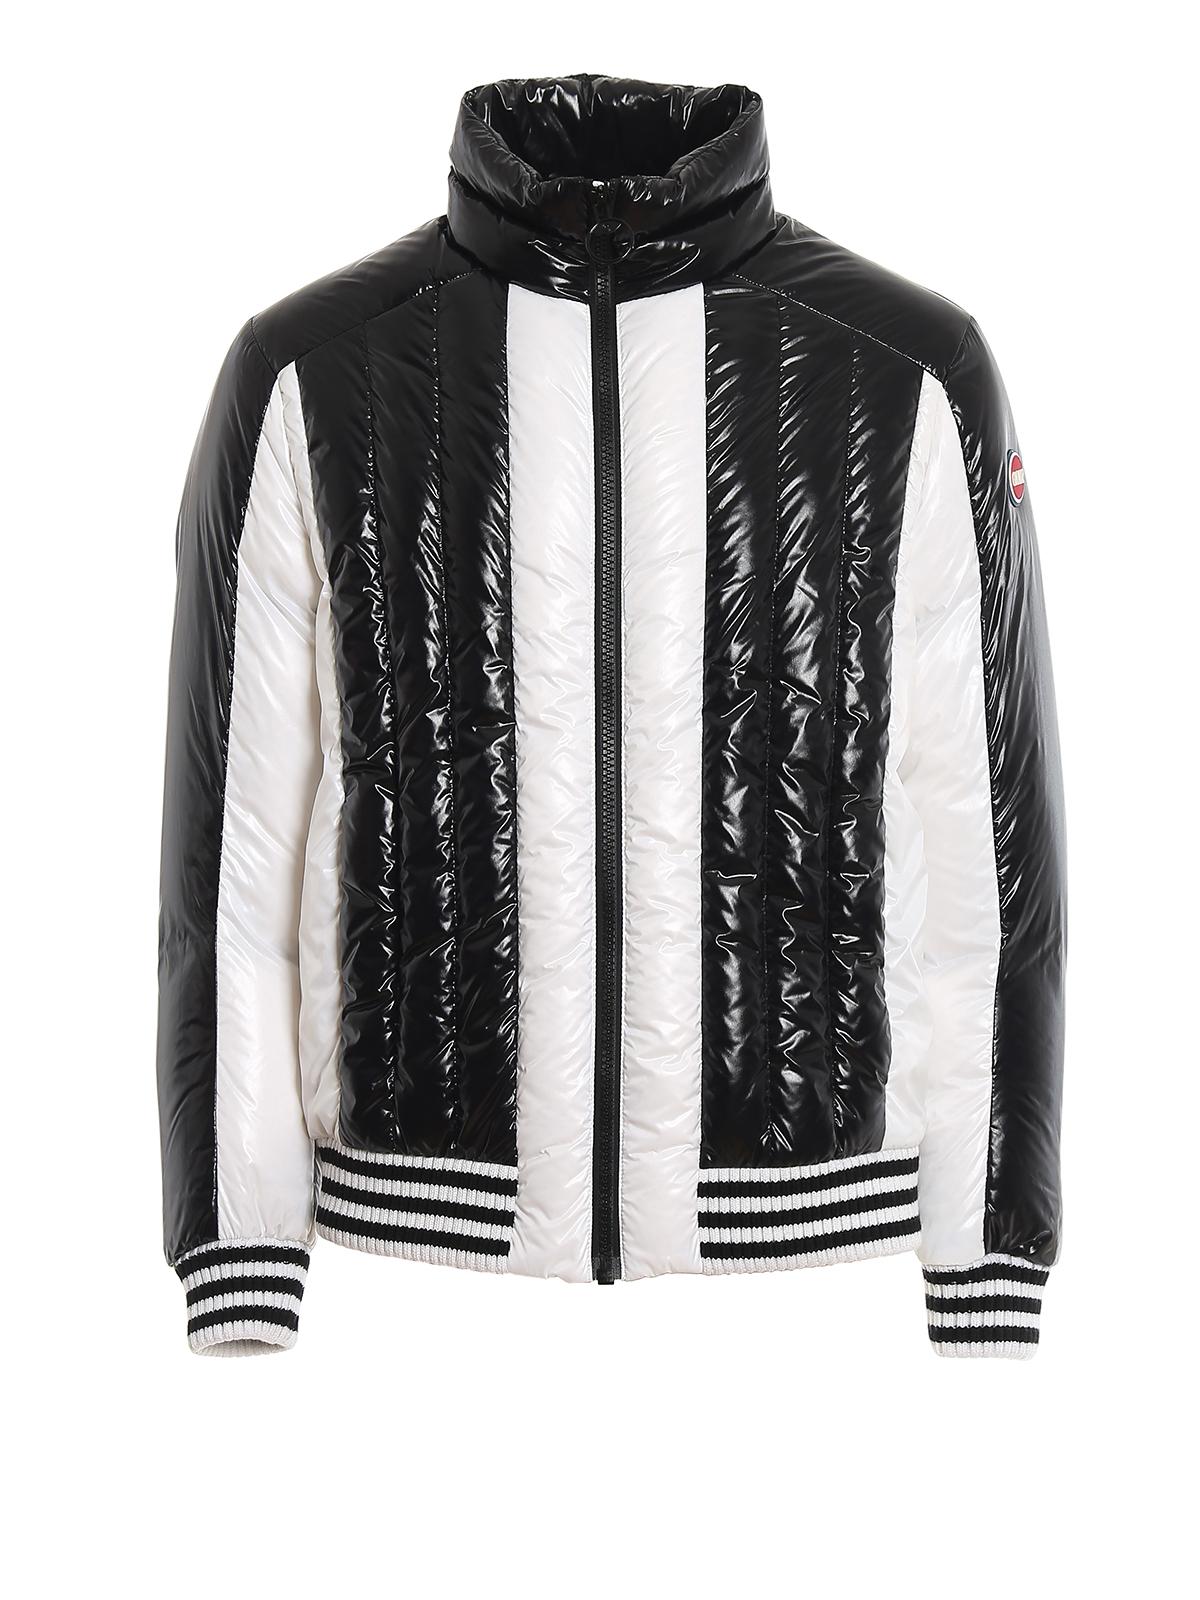 Colmar Originals Piumino trapuntato bicolore giacche